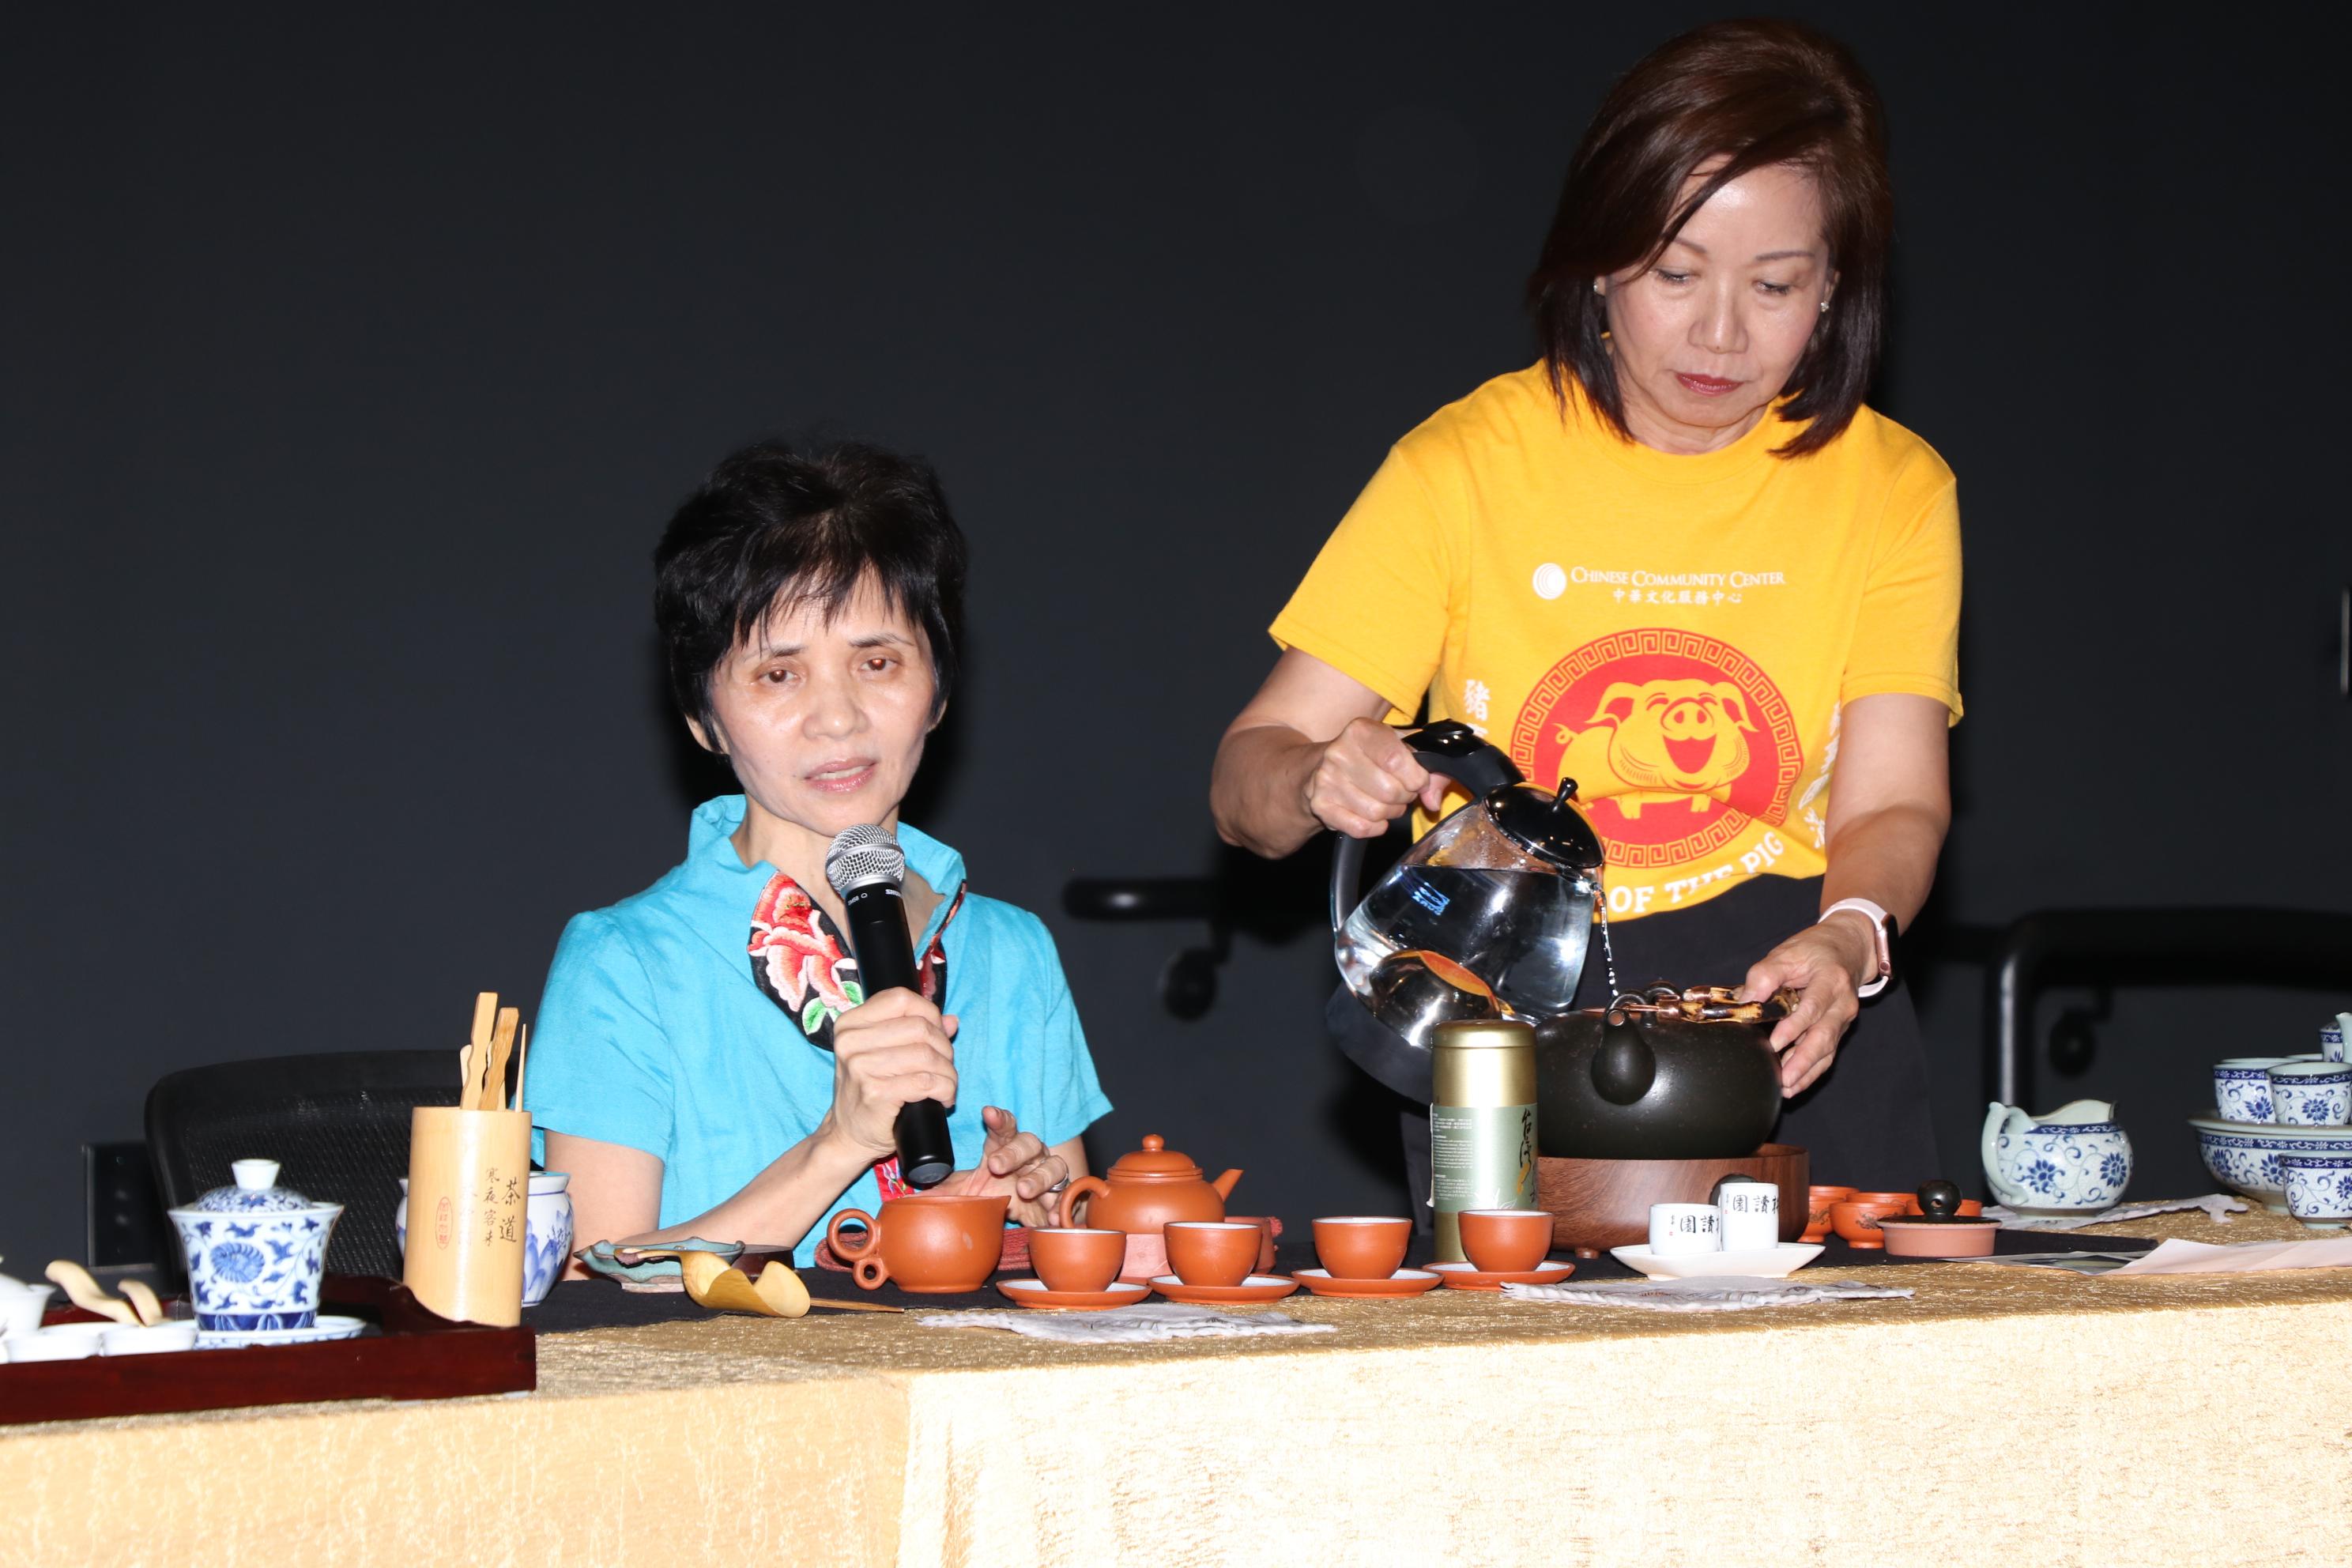 嚴秋美(左)以「茗茶藝術」與民眾分享泡茶的樂趣。右為恆豐銀行退休副總裁Linna,擔任義工服侍茶水。